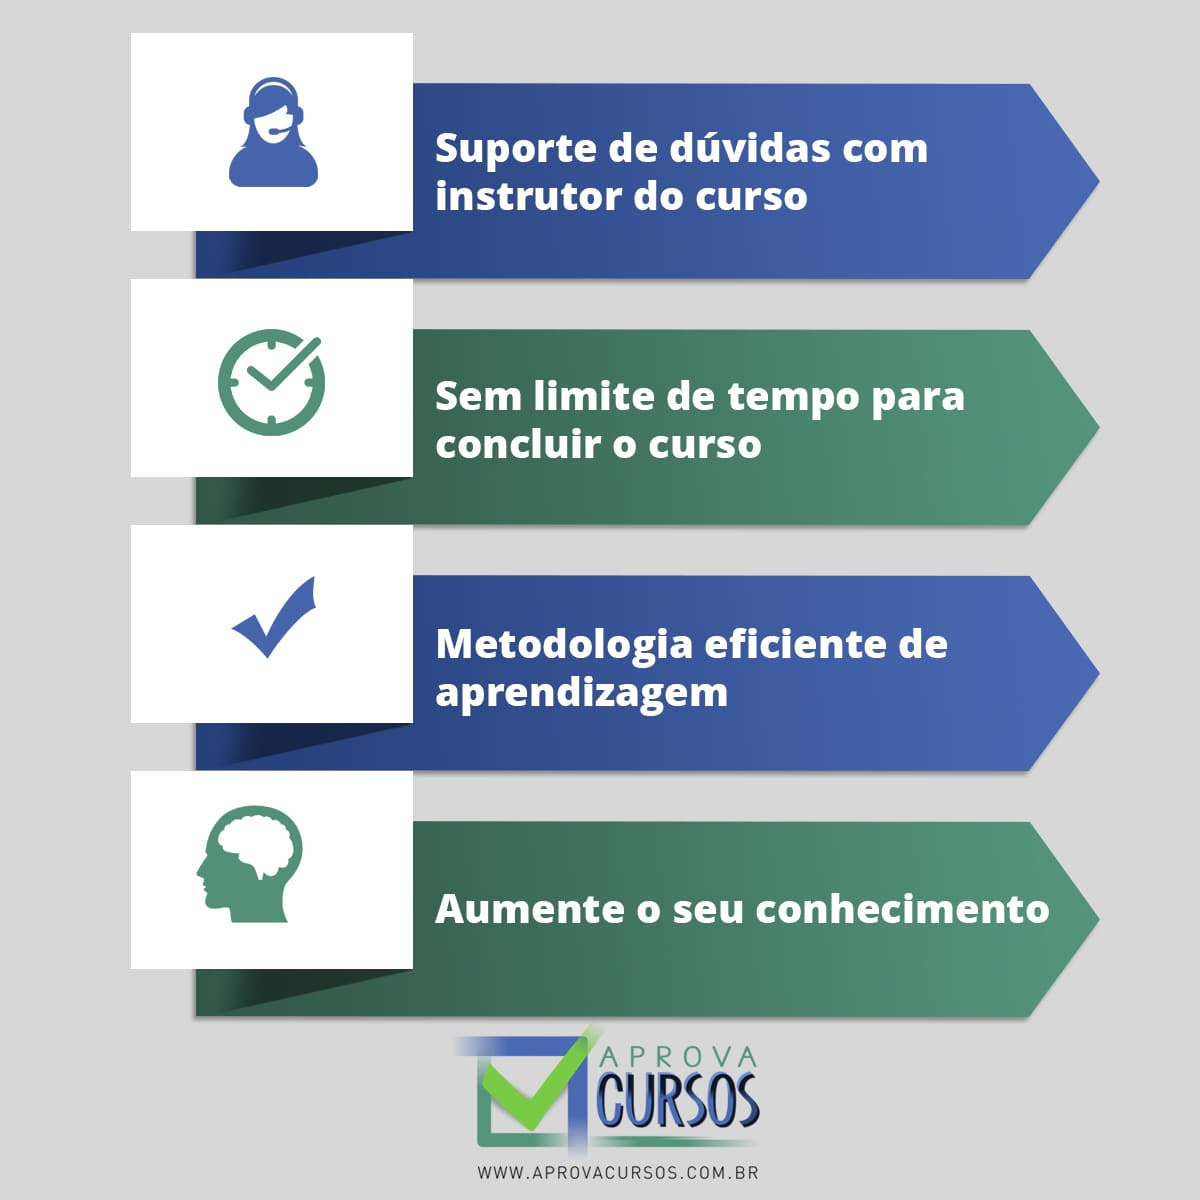 Curso Online de PNL e Coaching com Certificado  - Aprova Cursos